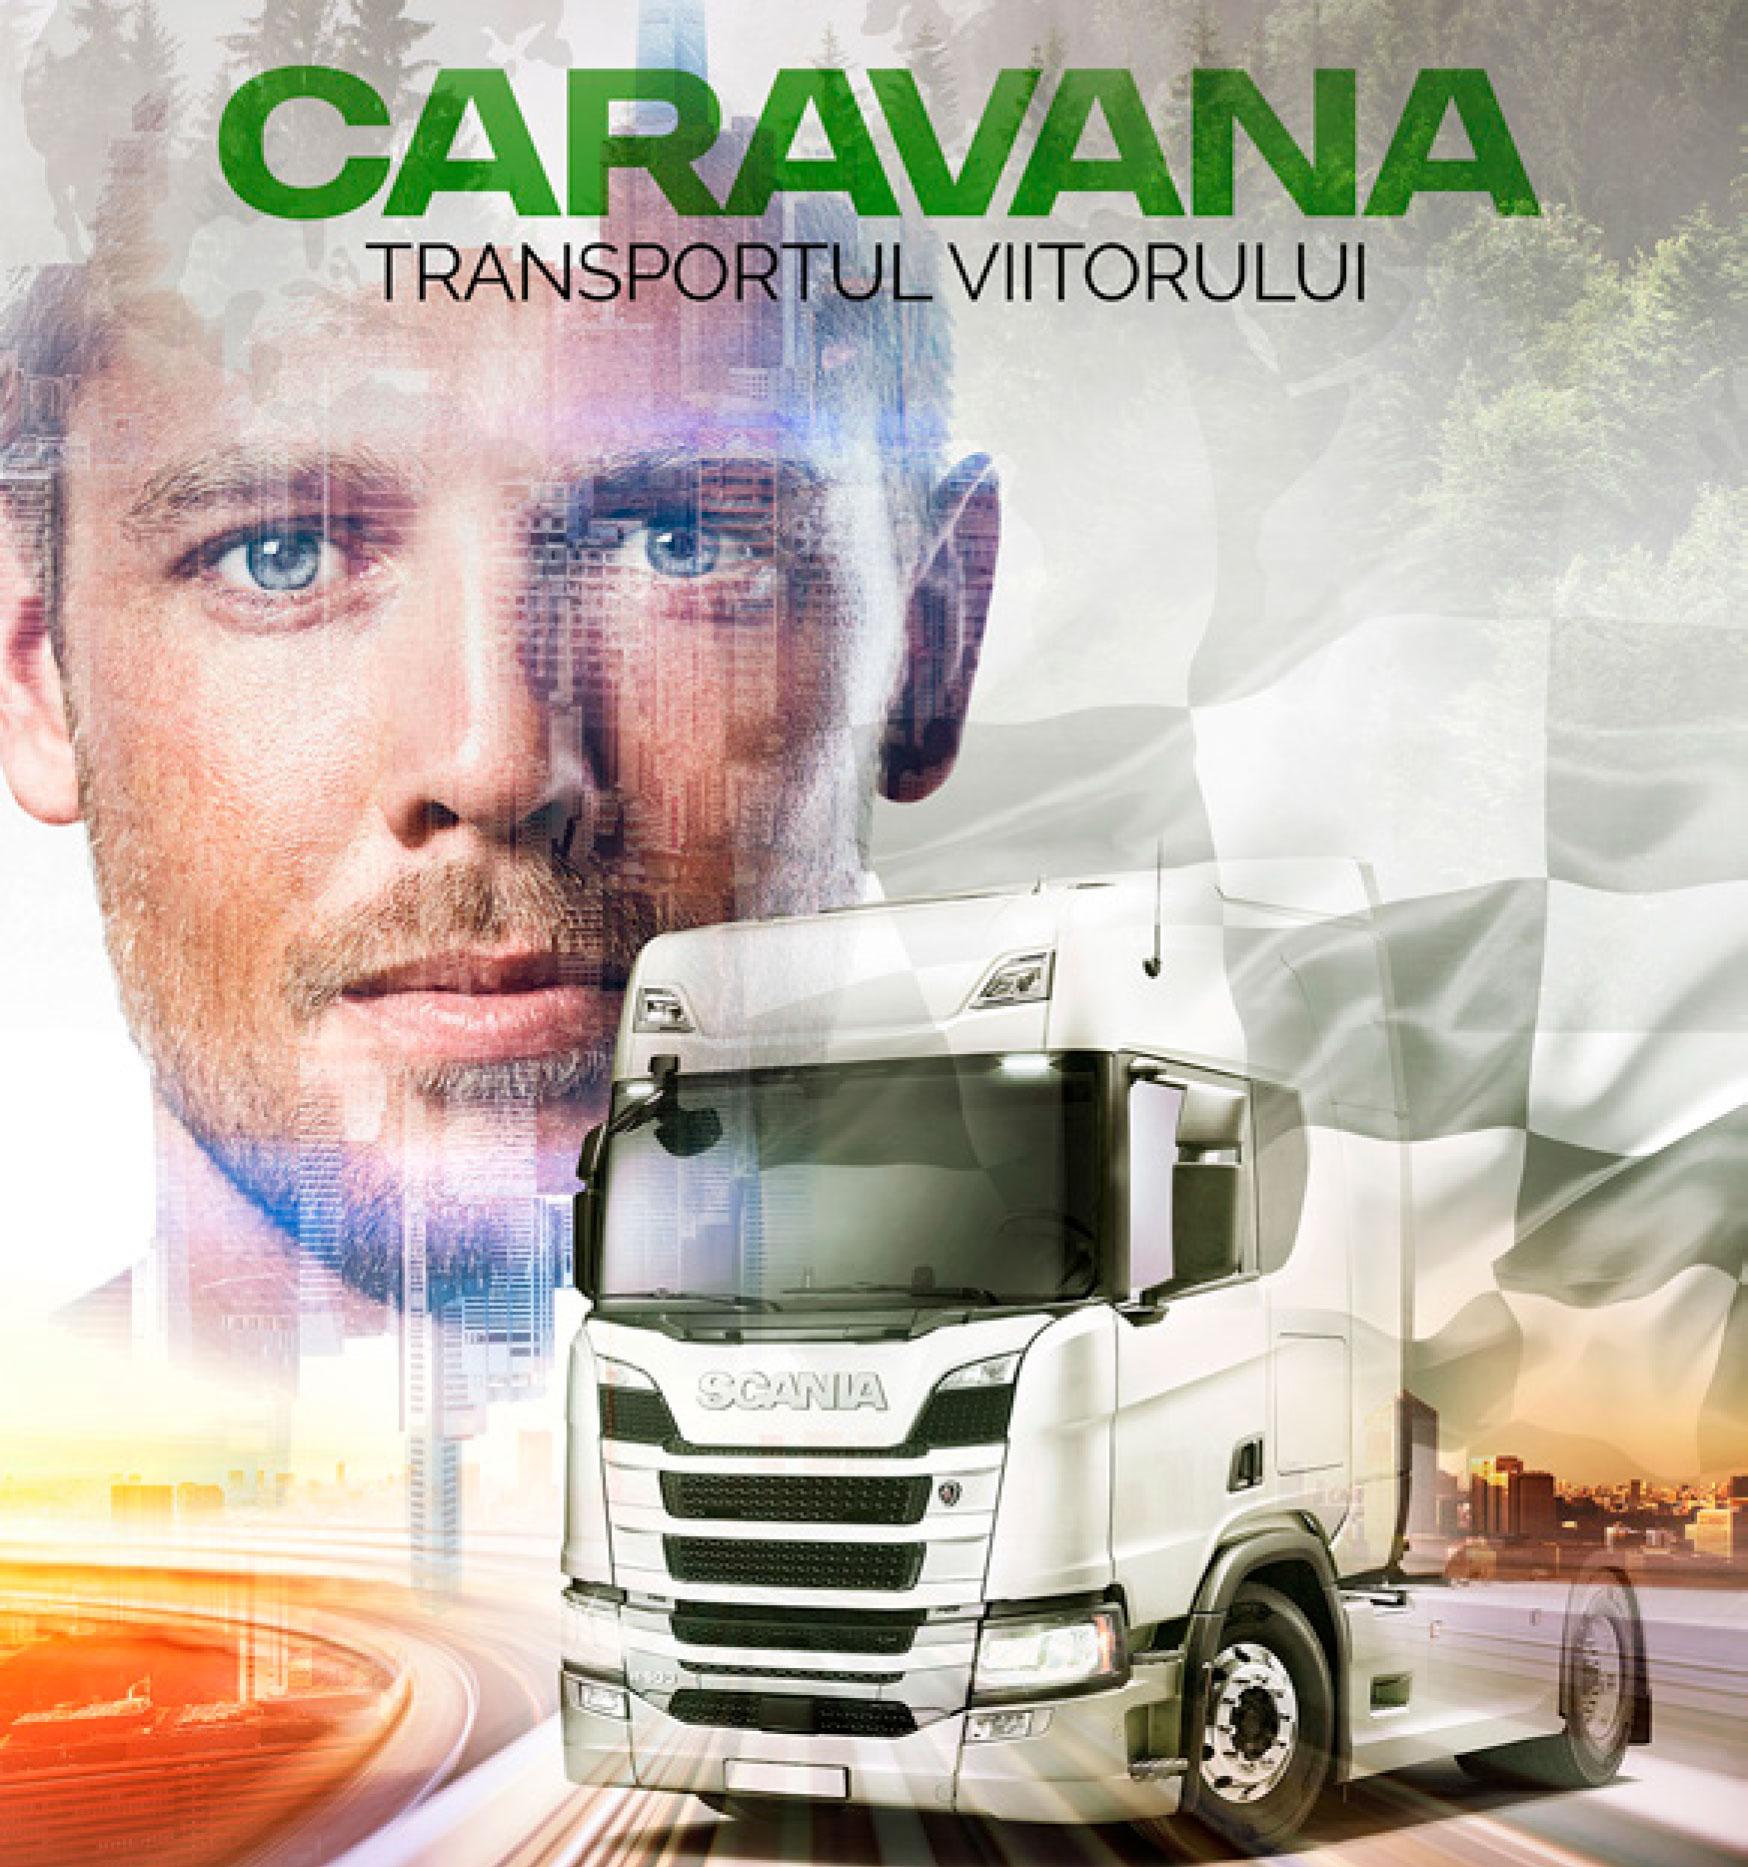 caravana transportul viitorului